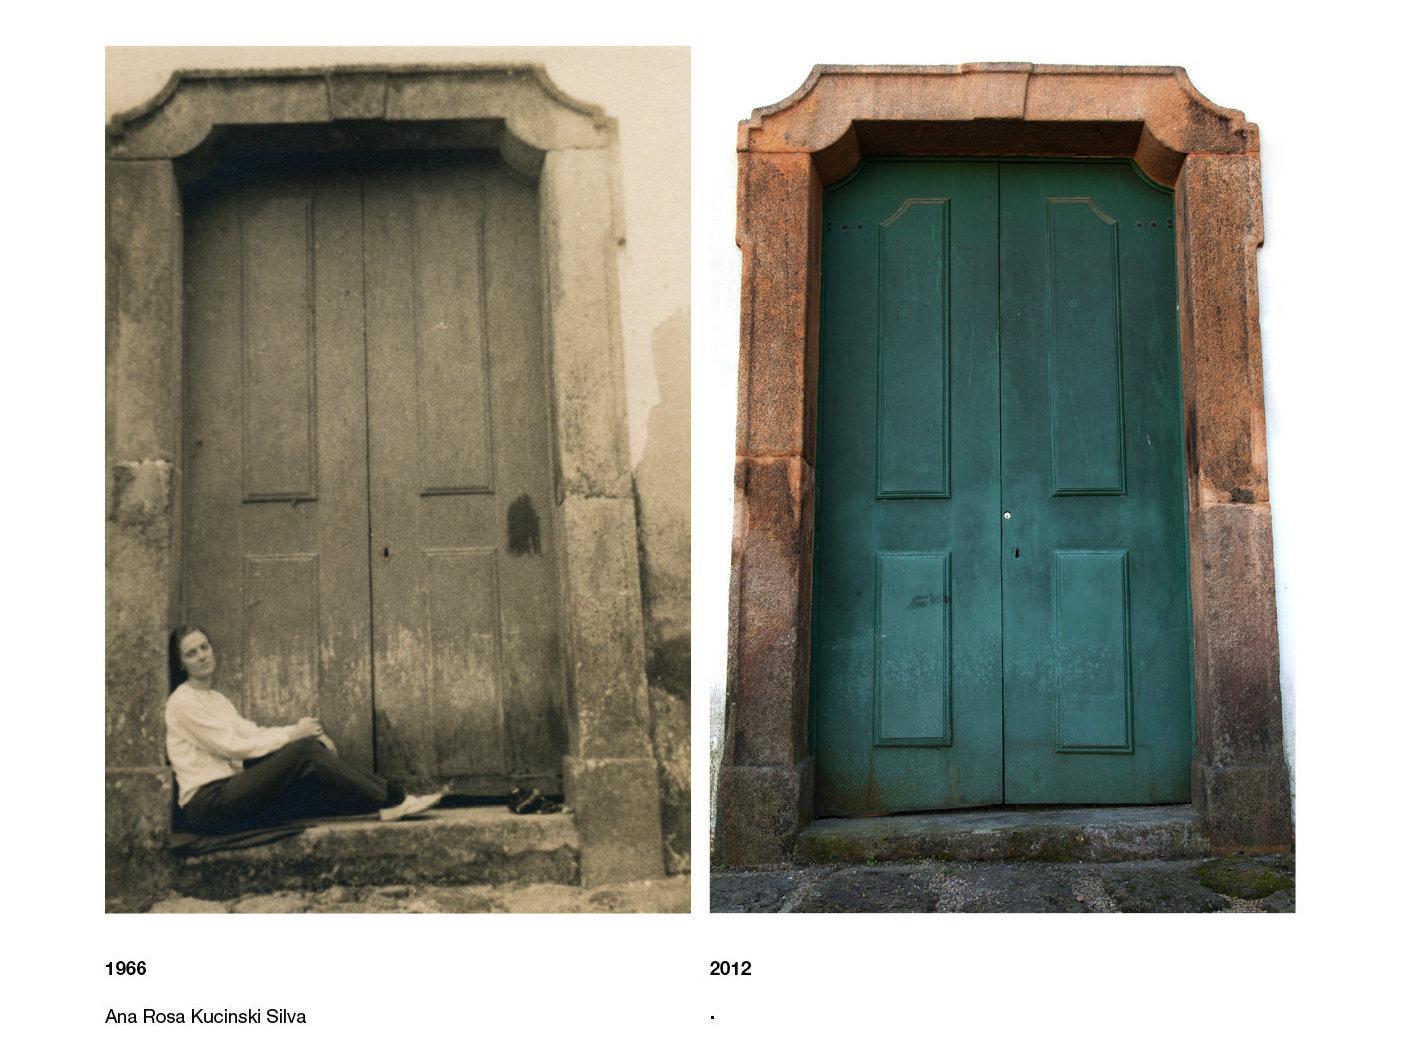 Proyecto fotográfico sobre desaparecidos políticos en el Cono Sur